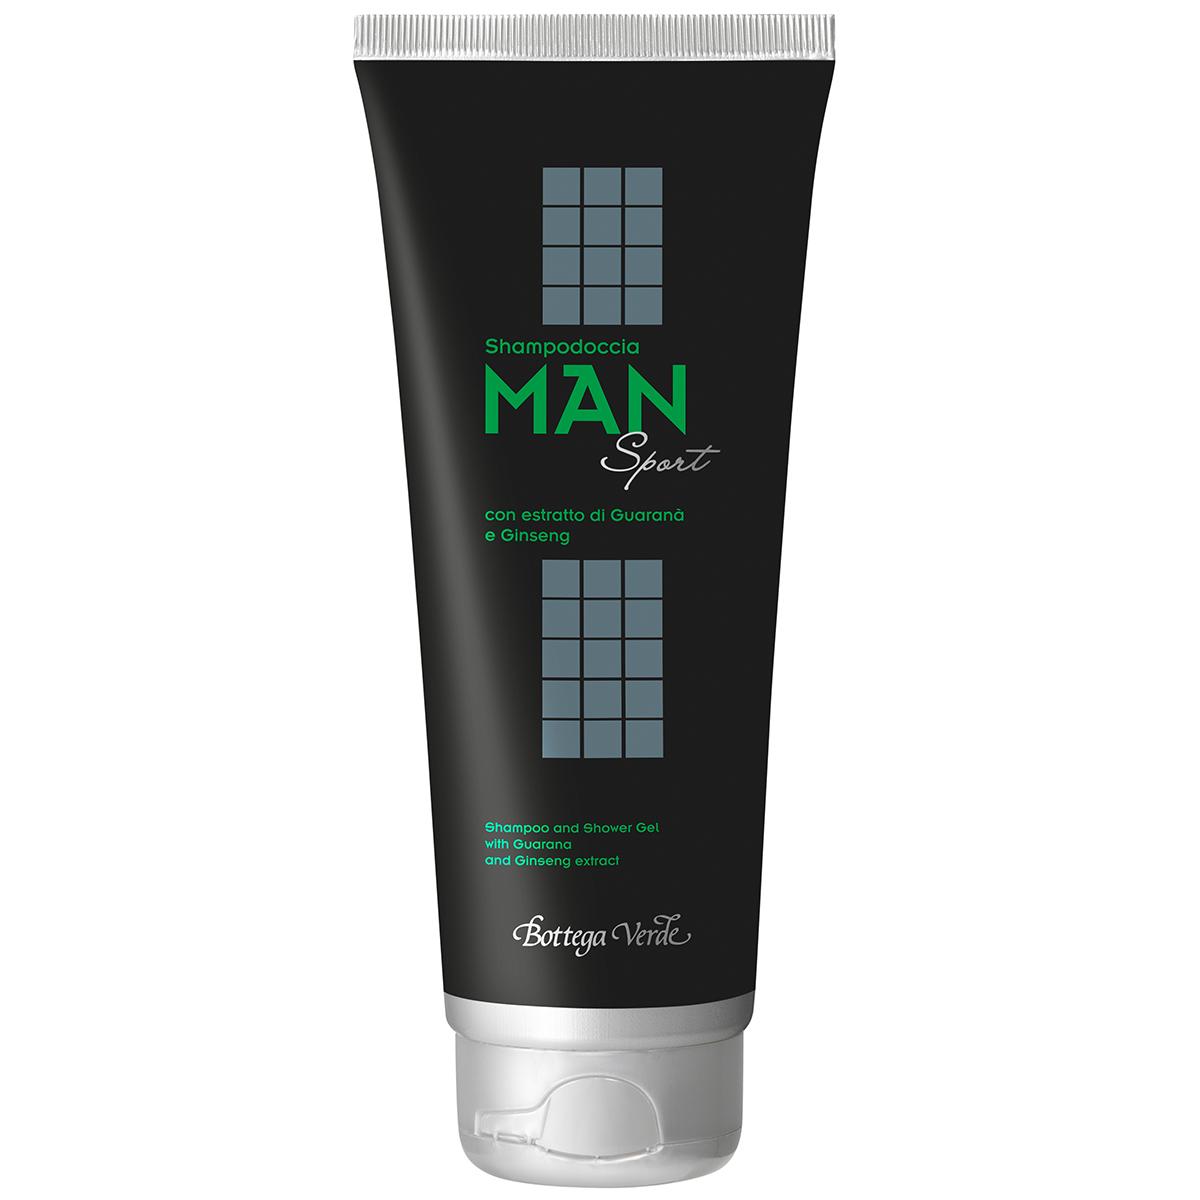 Man Sport - Sampon Cu Extract De Guarana Si Ginseng